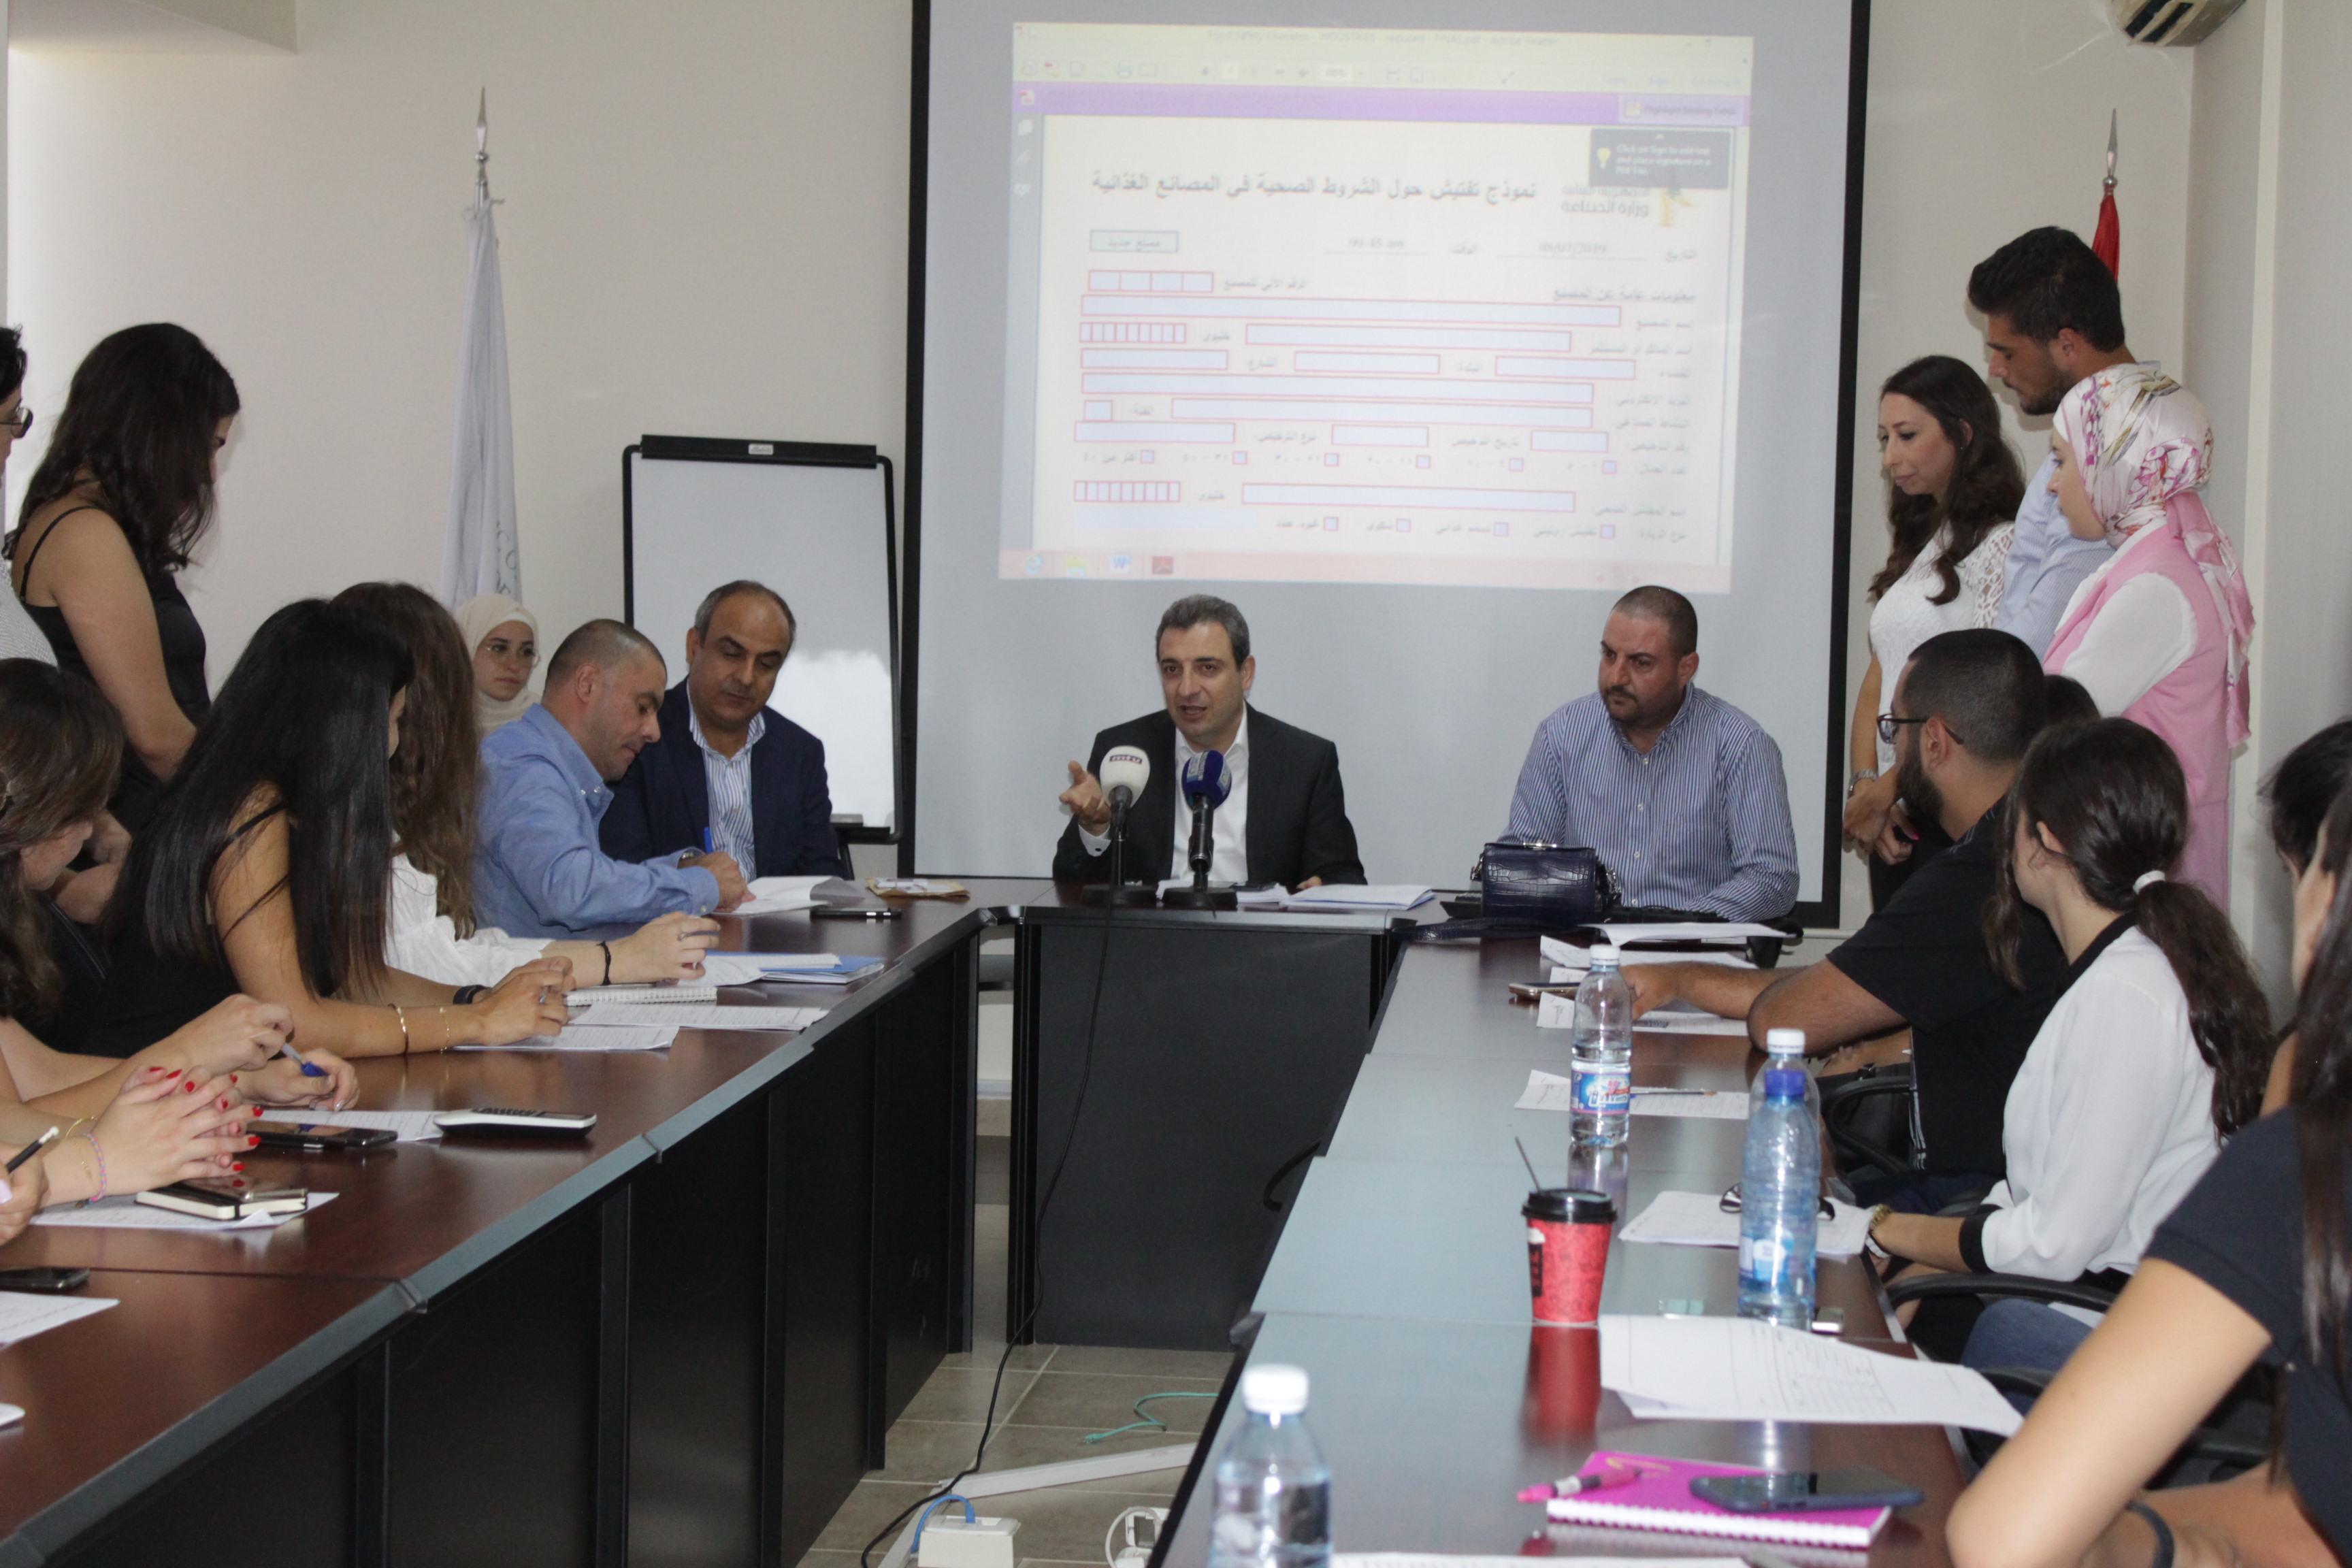 صورة الوزير ابو فاعور في اطلاق مشروع الكشف على مصانع الغذاء